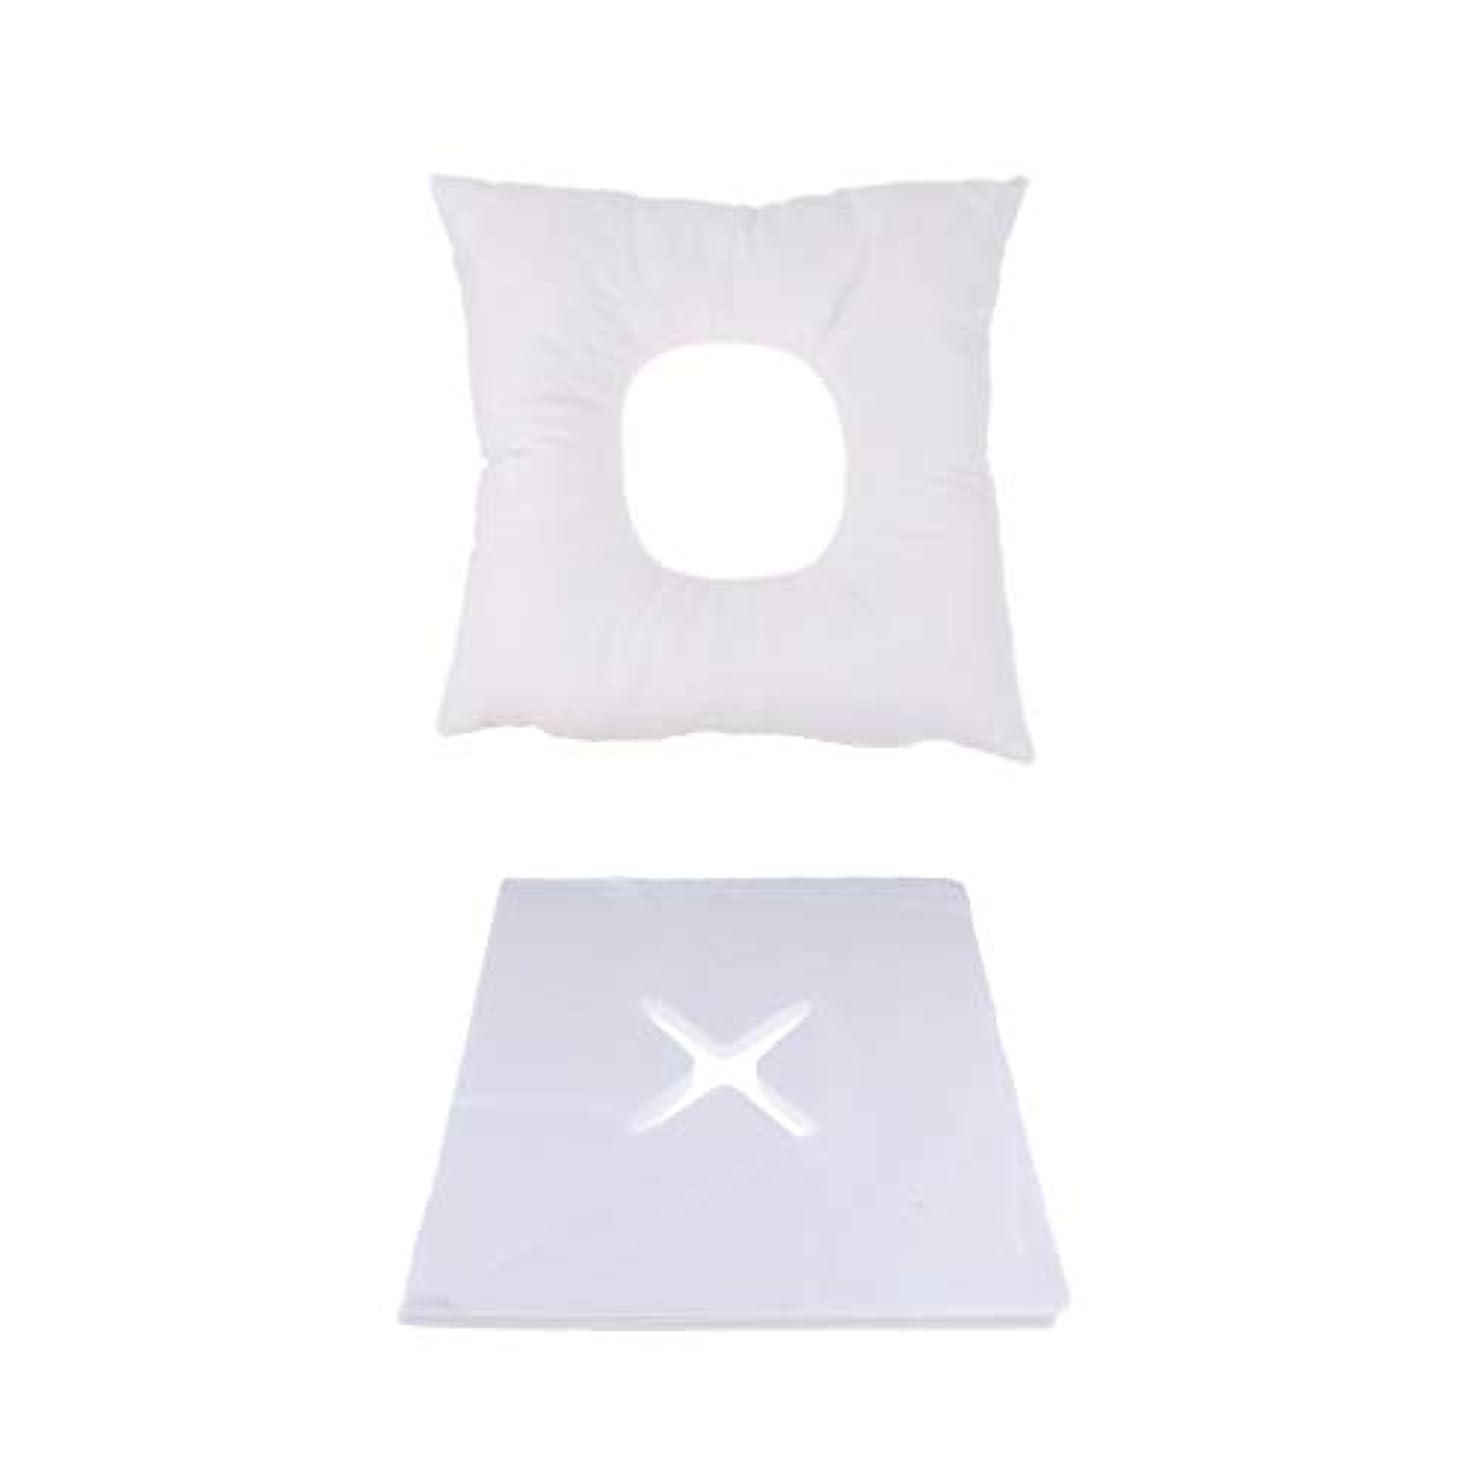 パイル奴隷近々マッサージ用クッション フェイスマット マッサージ枕 顔枕 200個使い捨てカバー付 快適